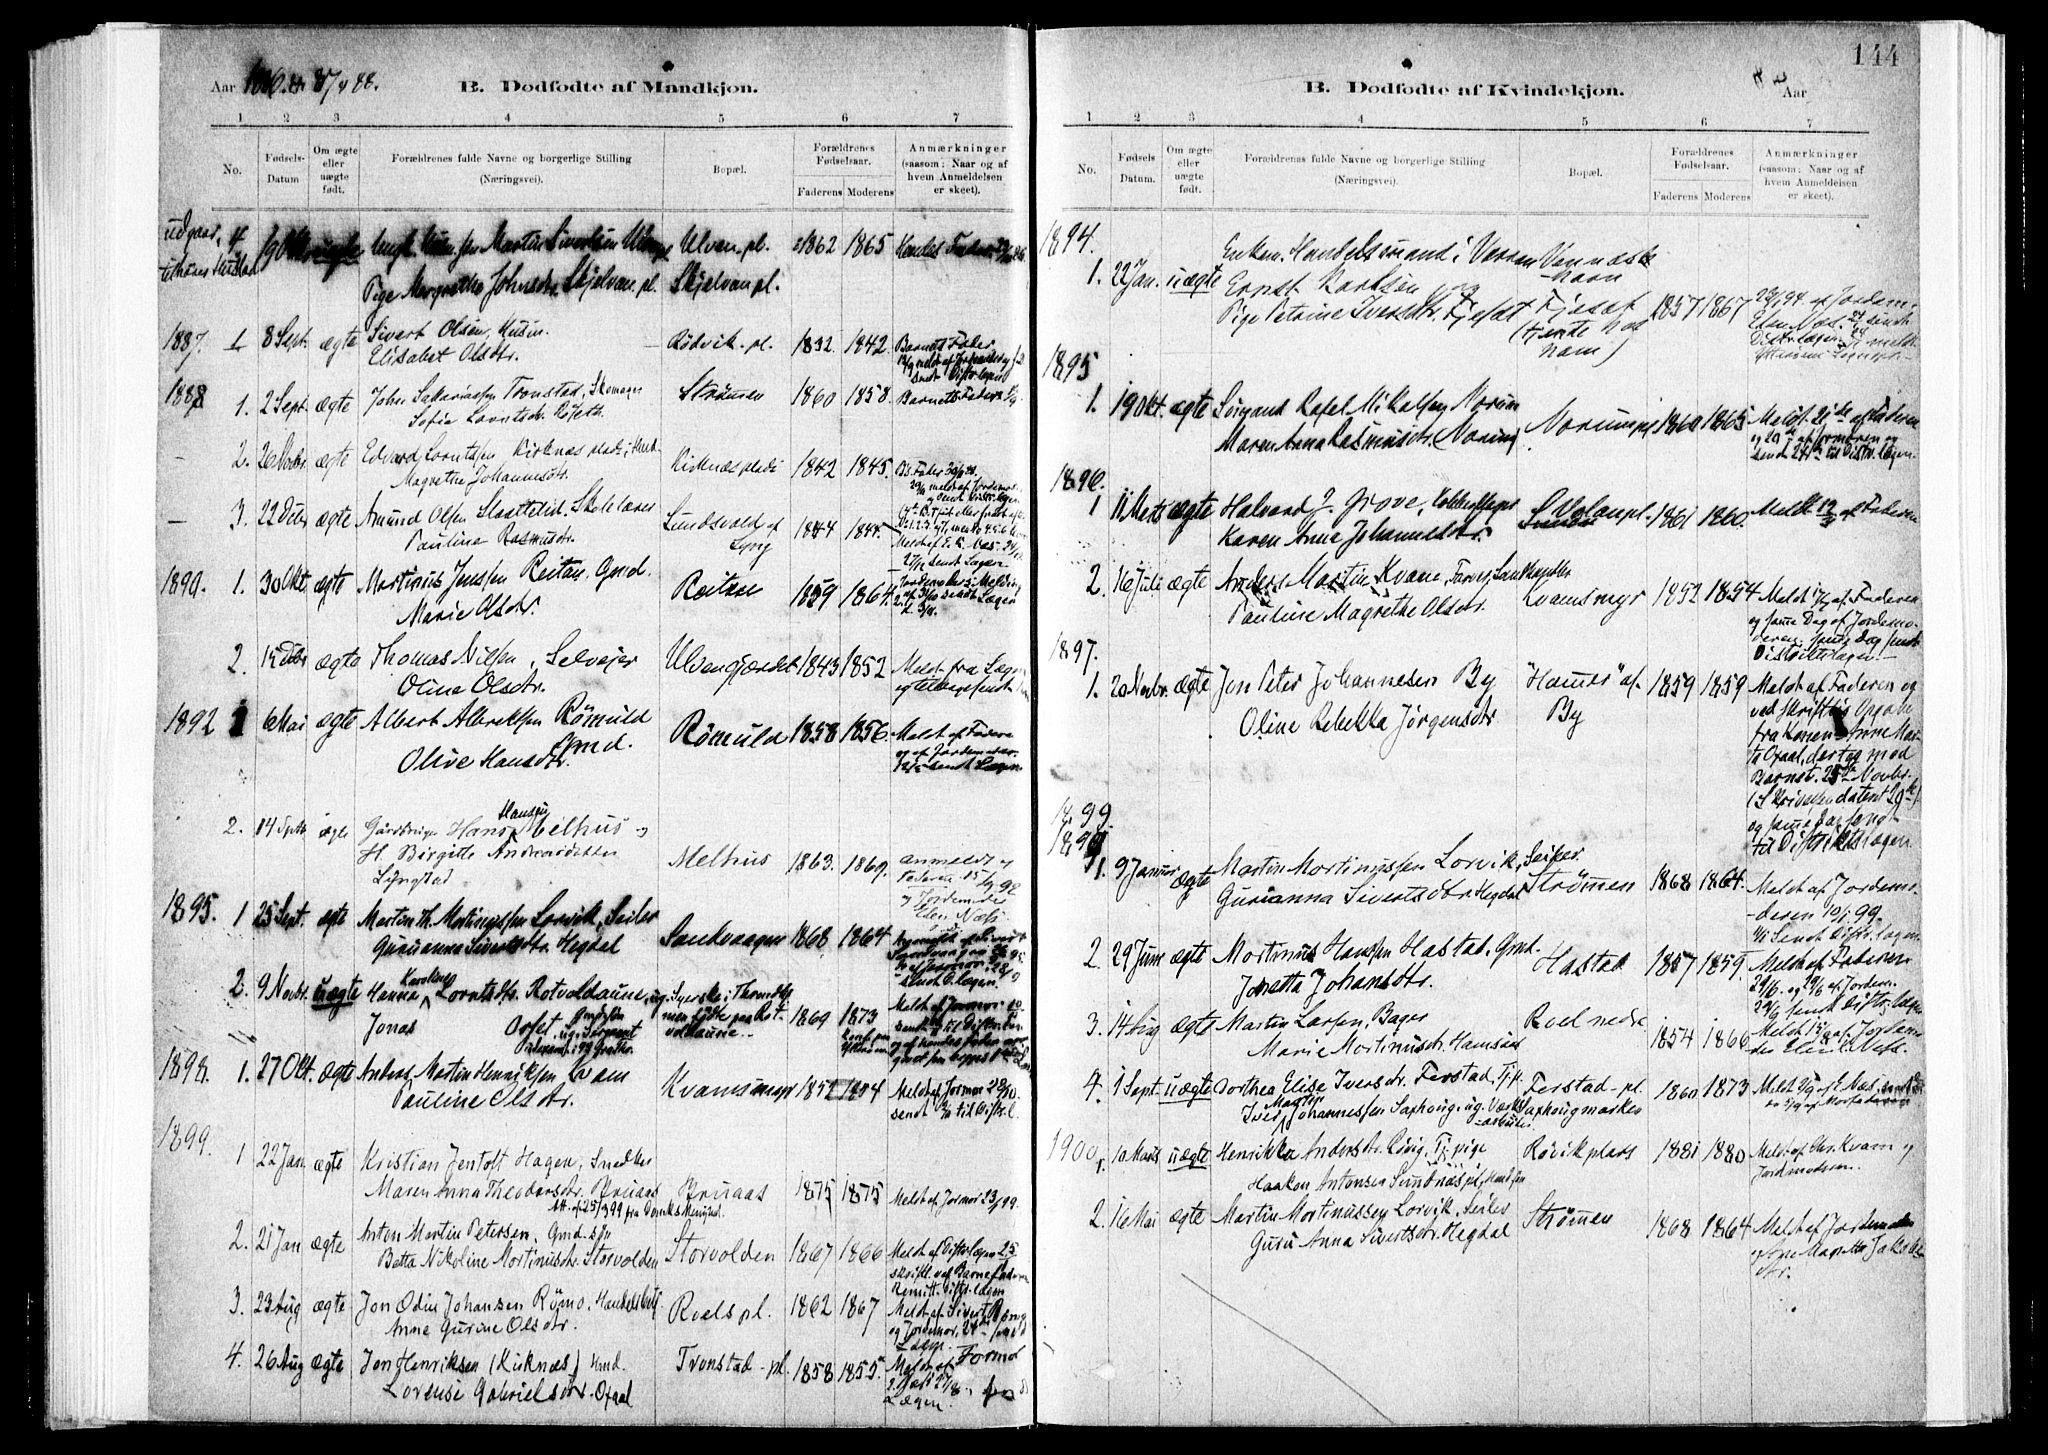 SAT, Ministerialprotokoller, klokkerbøker og fødselsregistre - Nord-Trøndelag, 730/L0285: Ministerialbok nr. 730A10, 1879-1914, s. 144